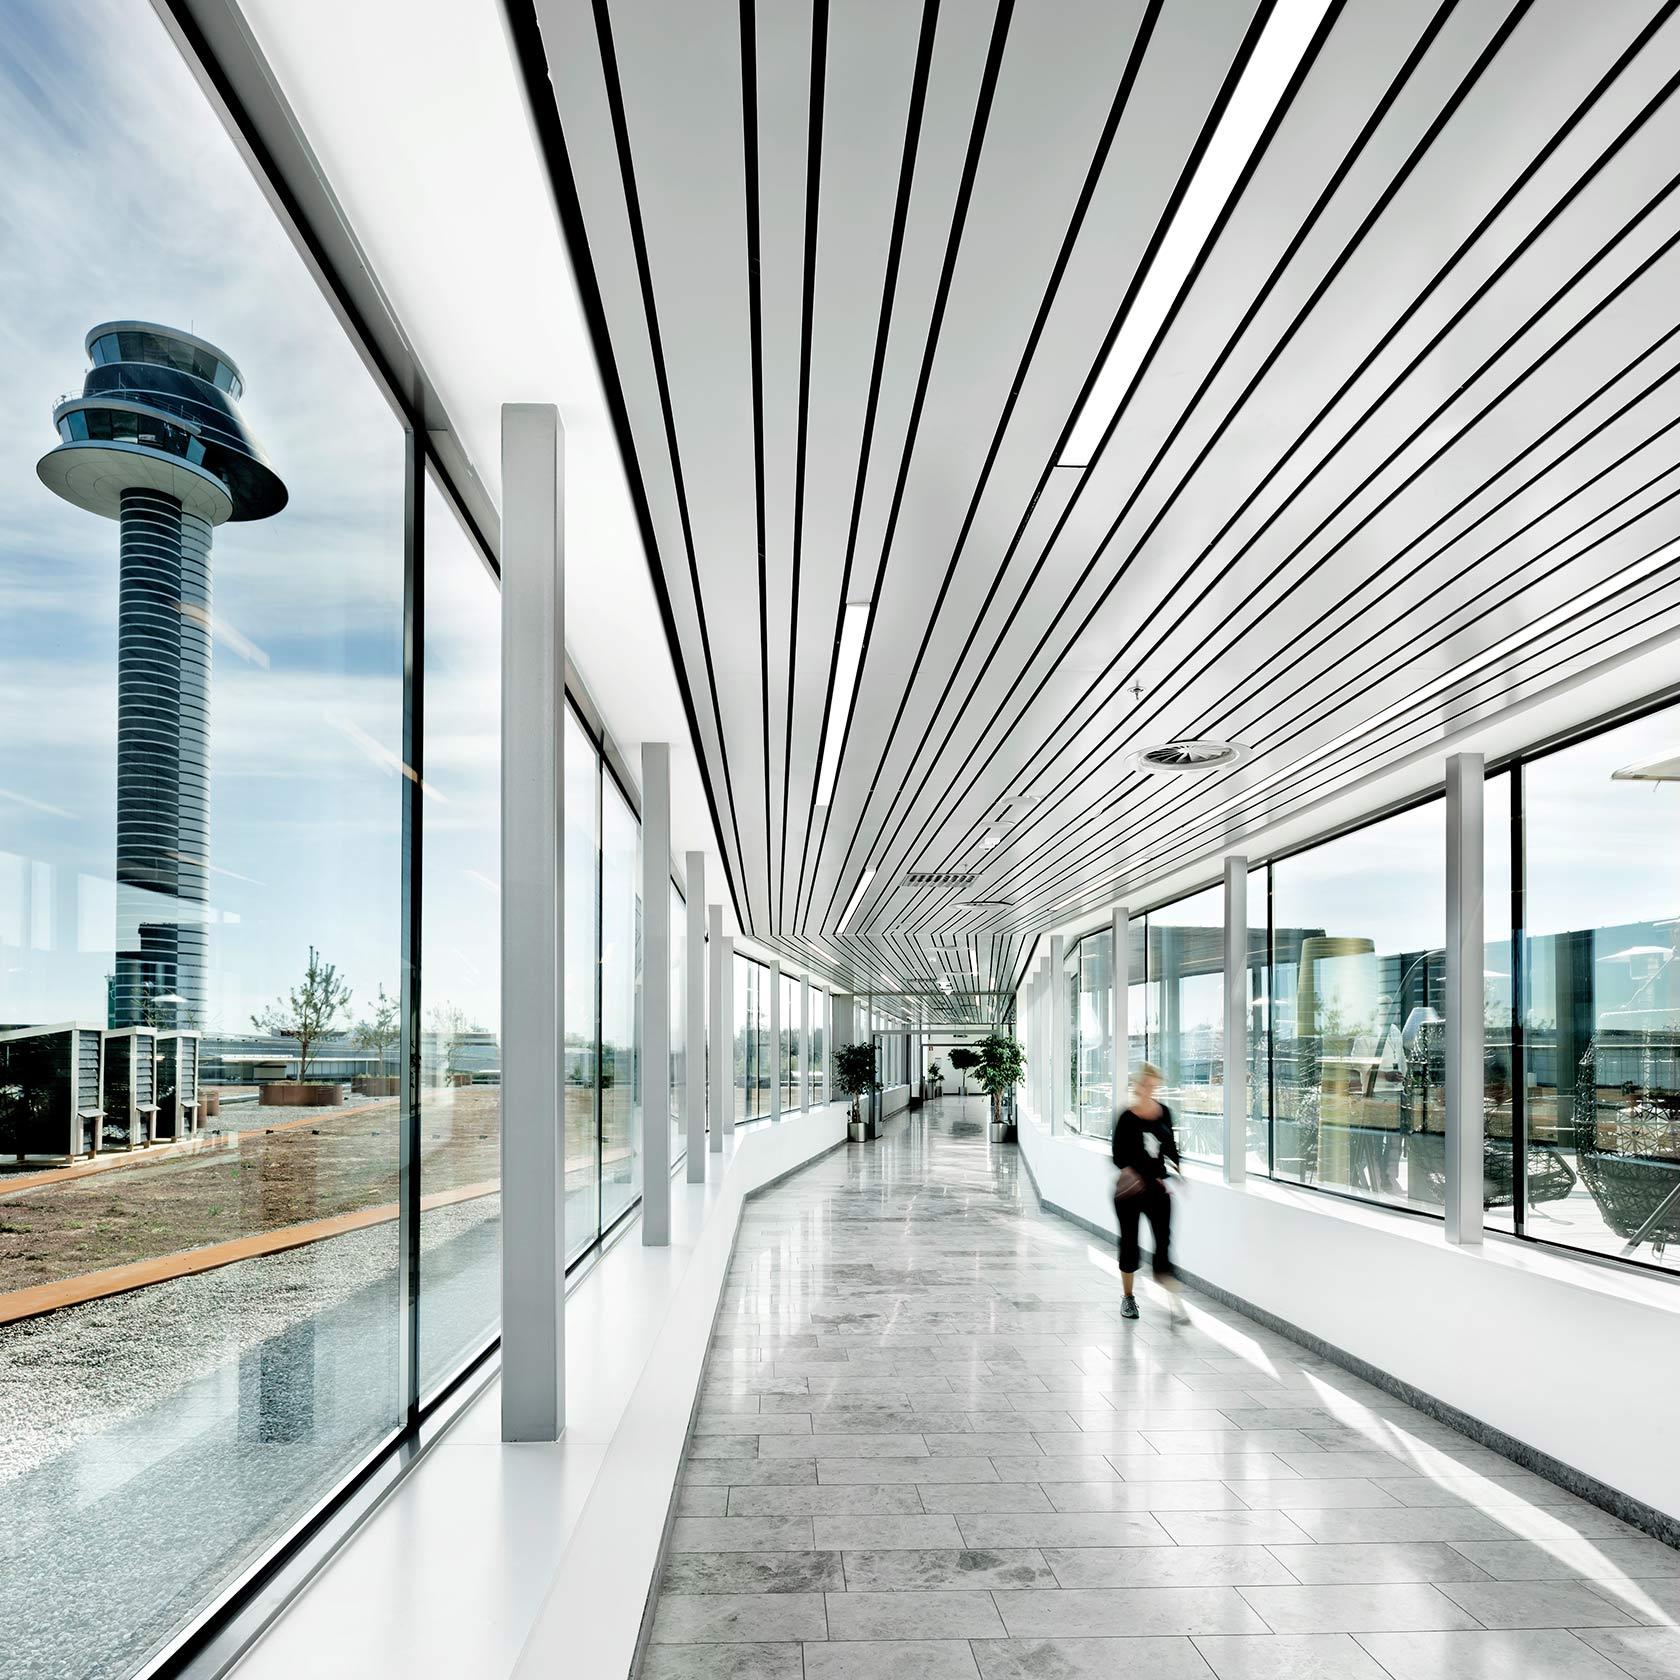 Korridor på Clarion hotel Arlanda